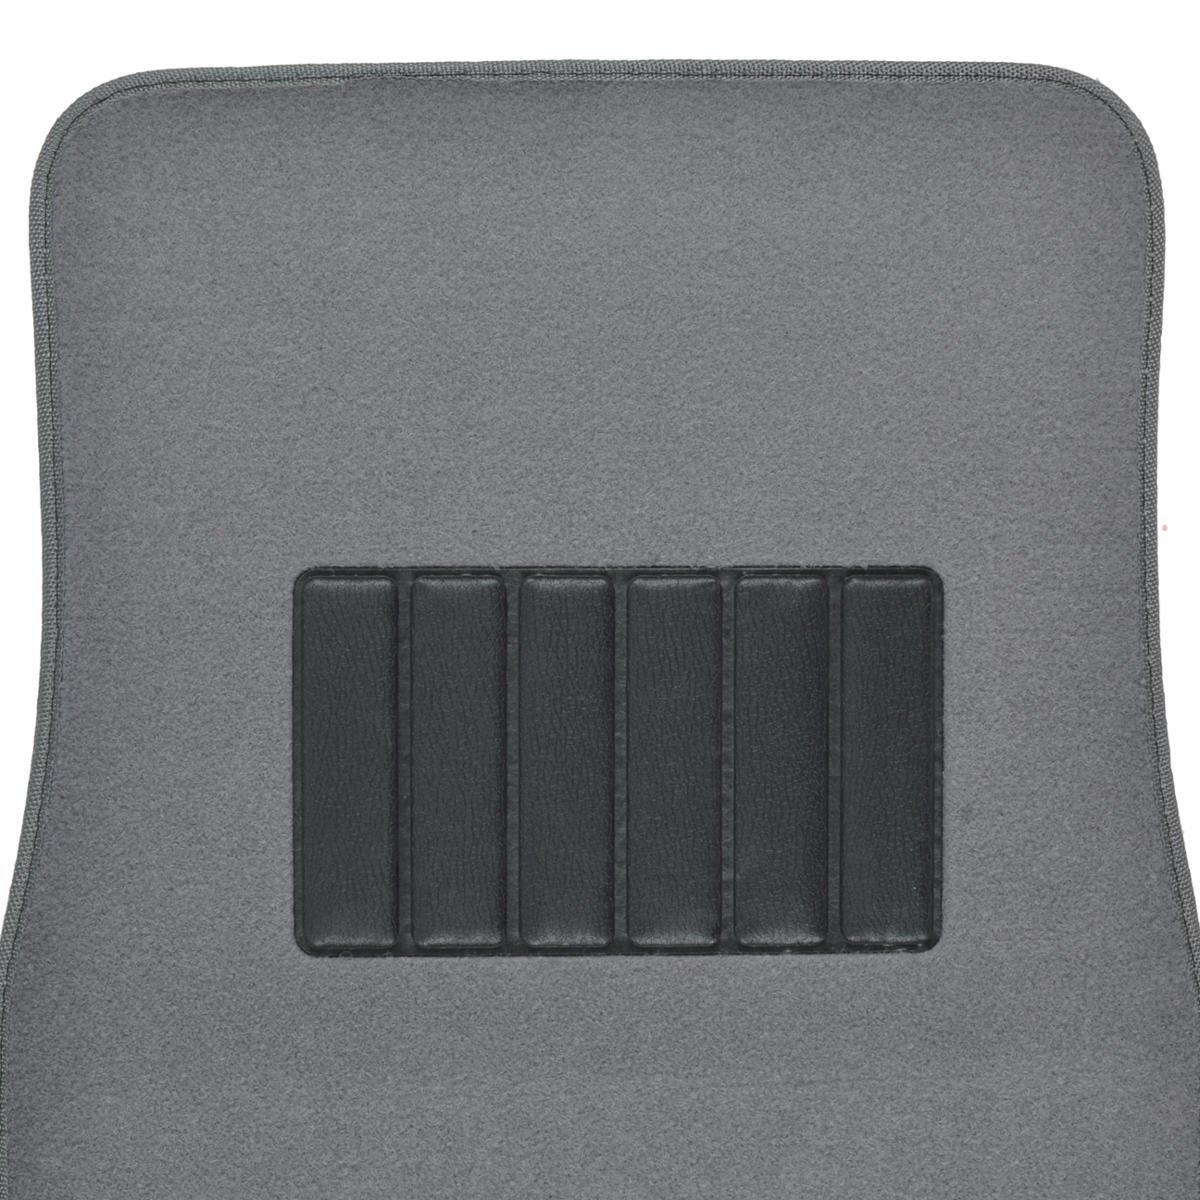 Unique Imports Premium Carpet 4PC Front /& Rear Driver Passenger Floor Mats Cars Trucks Sedans SUVs Beige